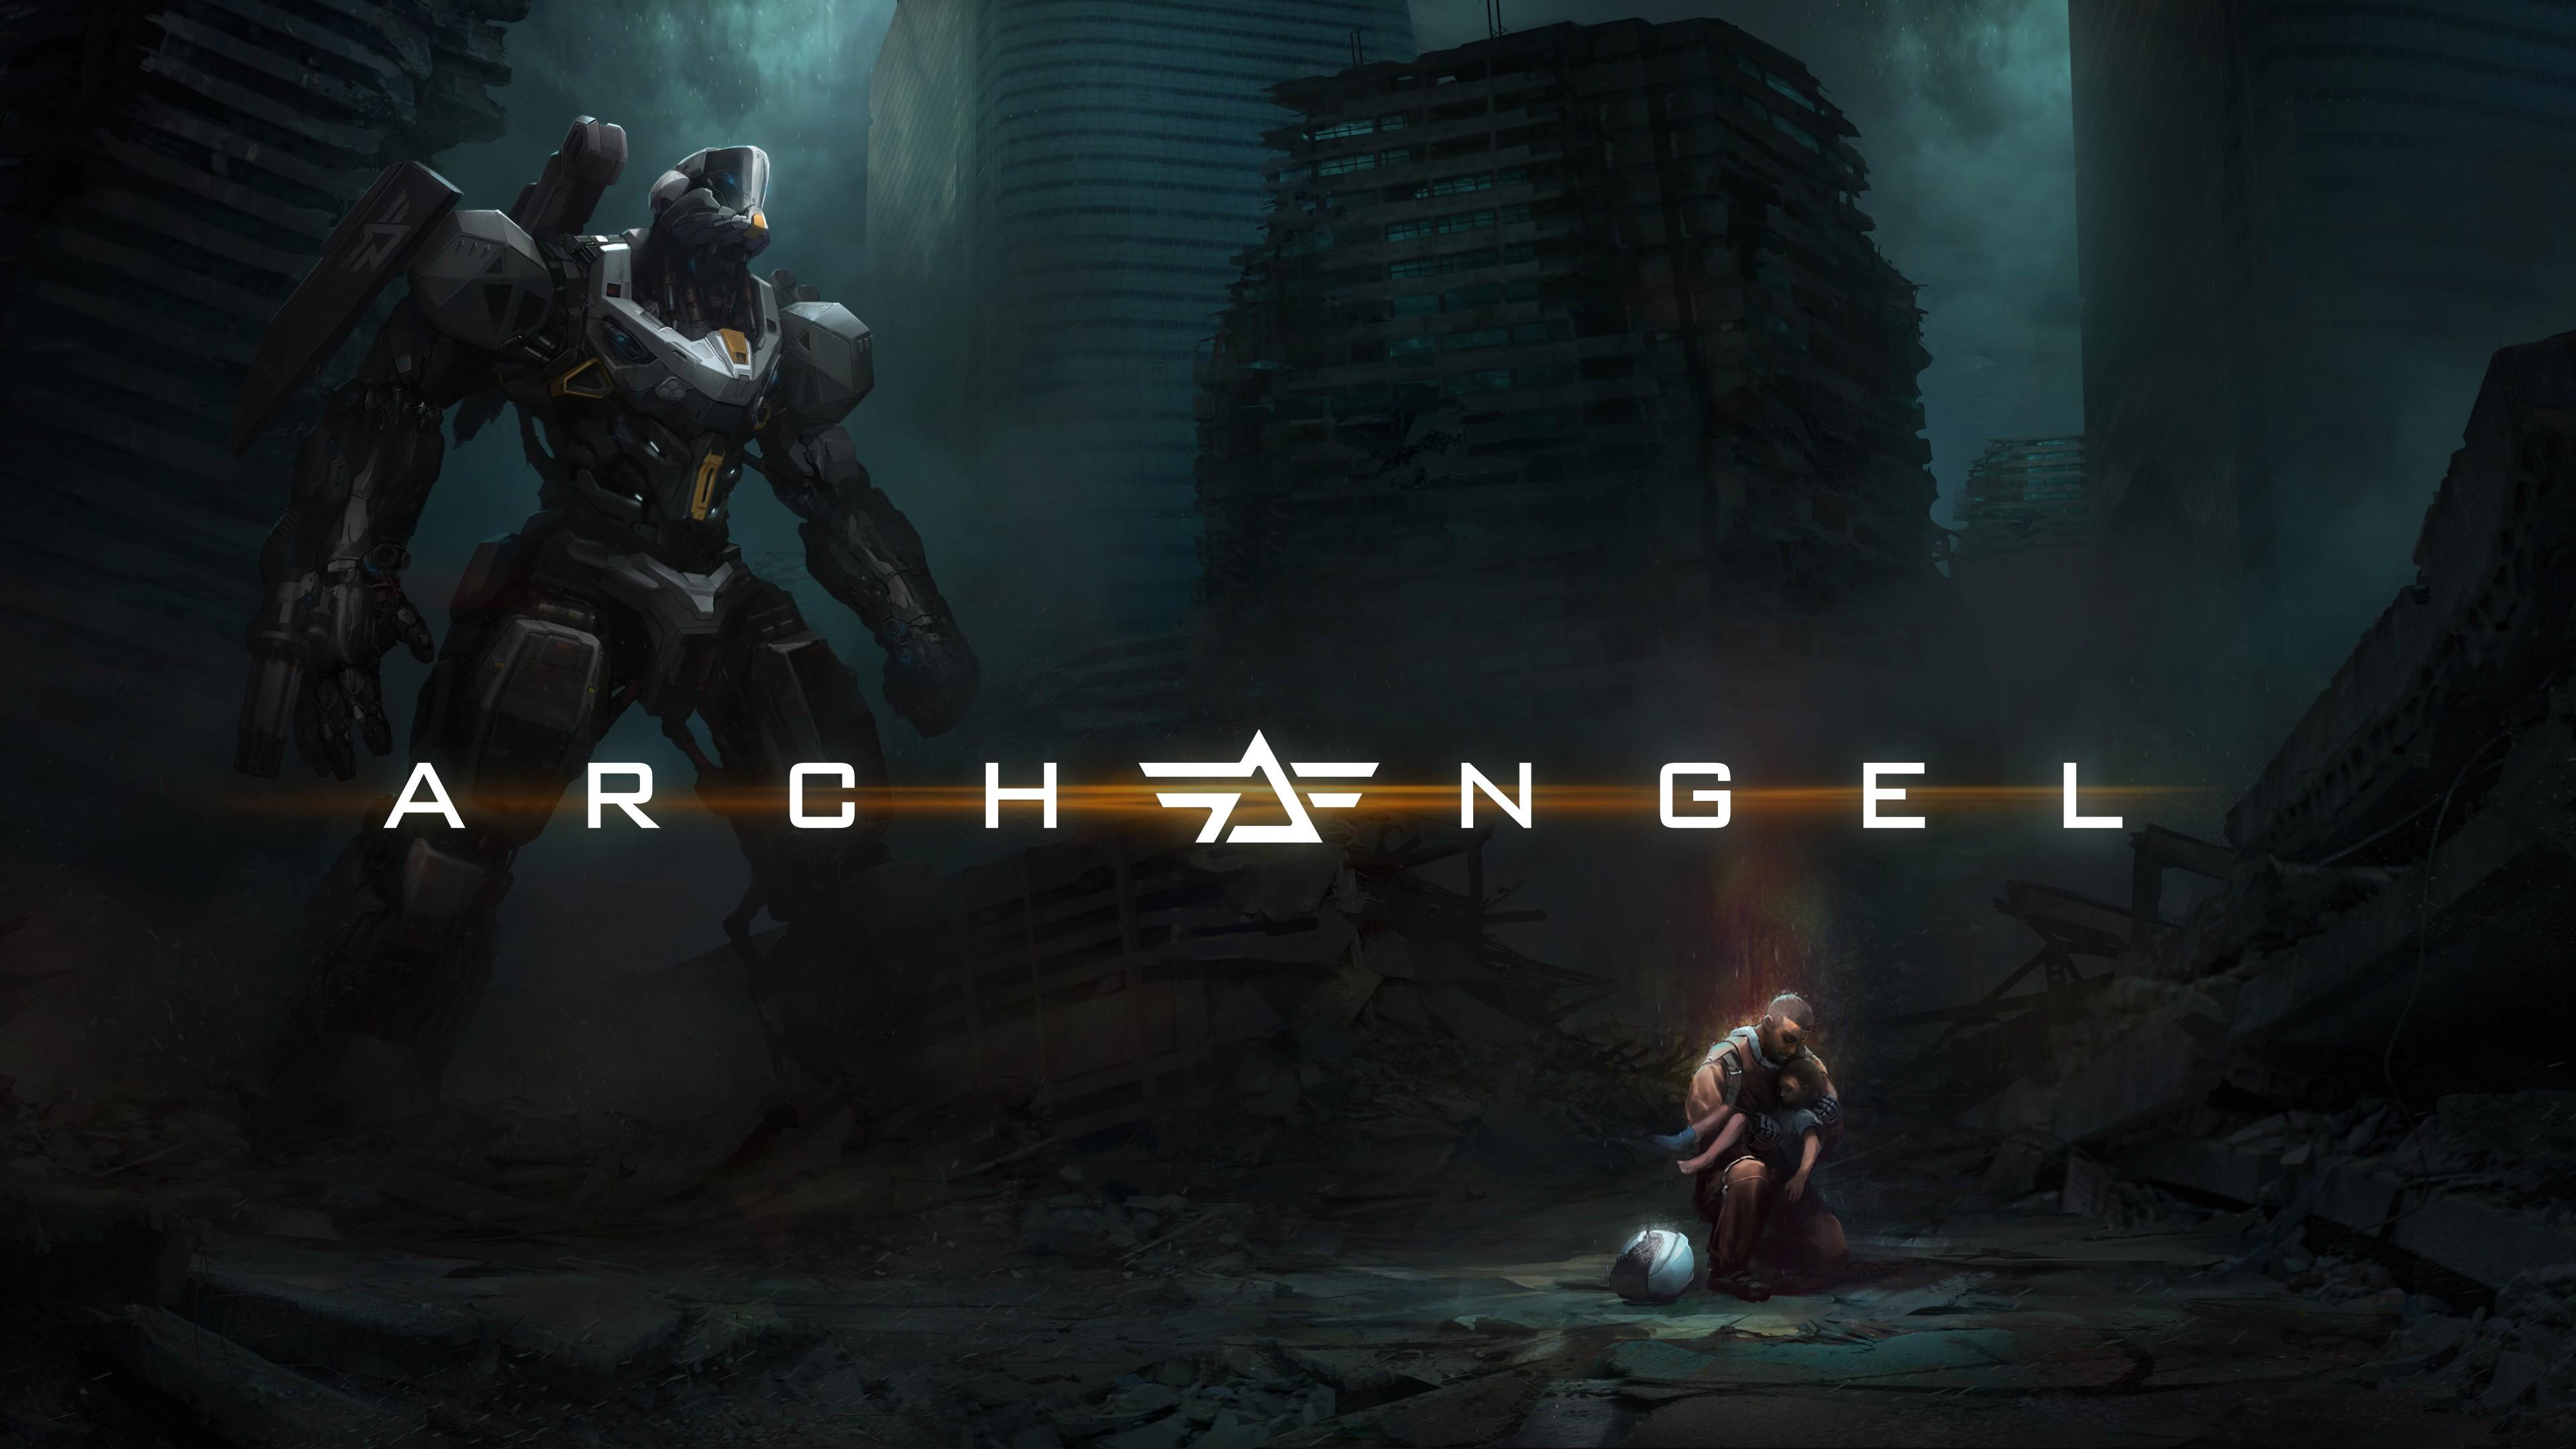 archangel game 4k